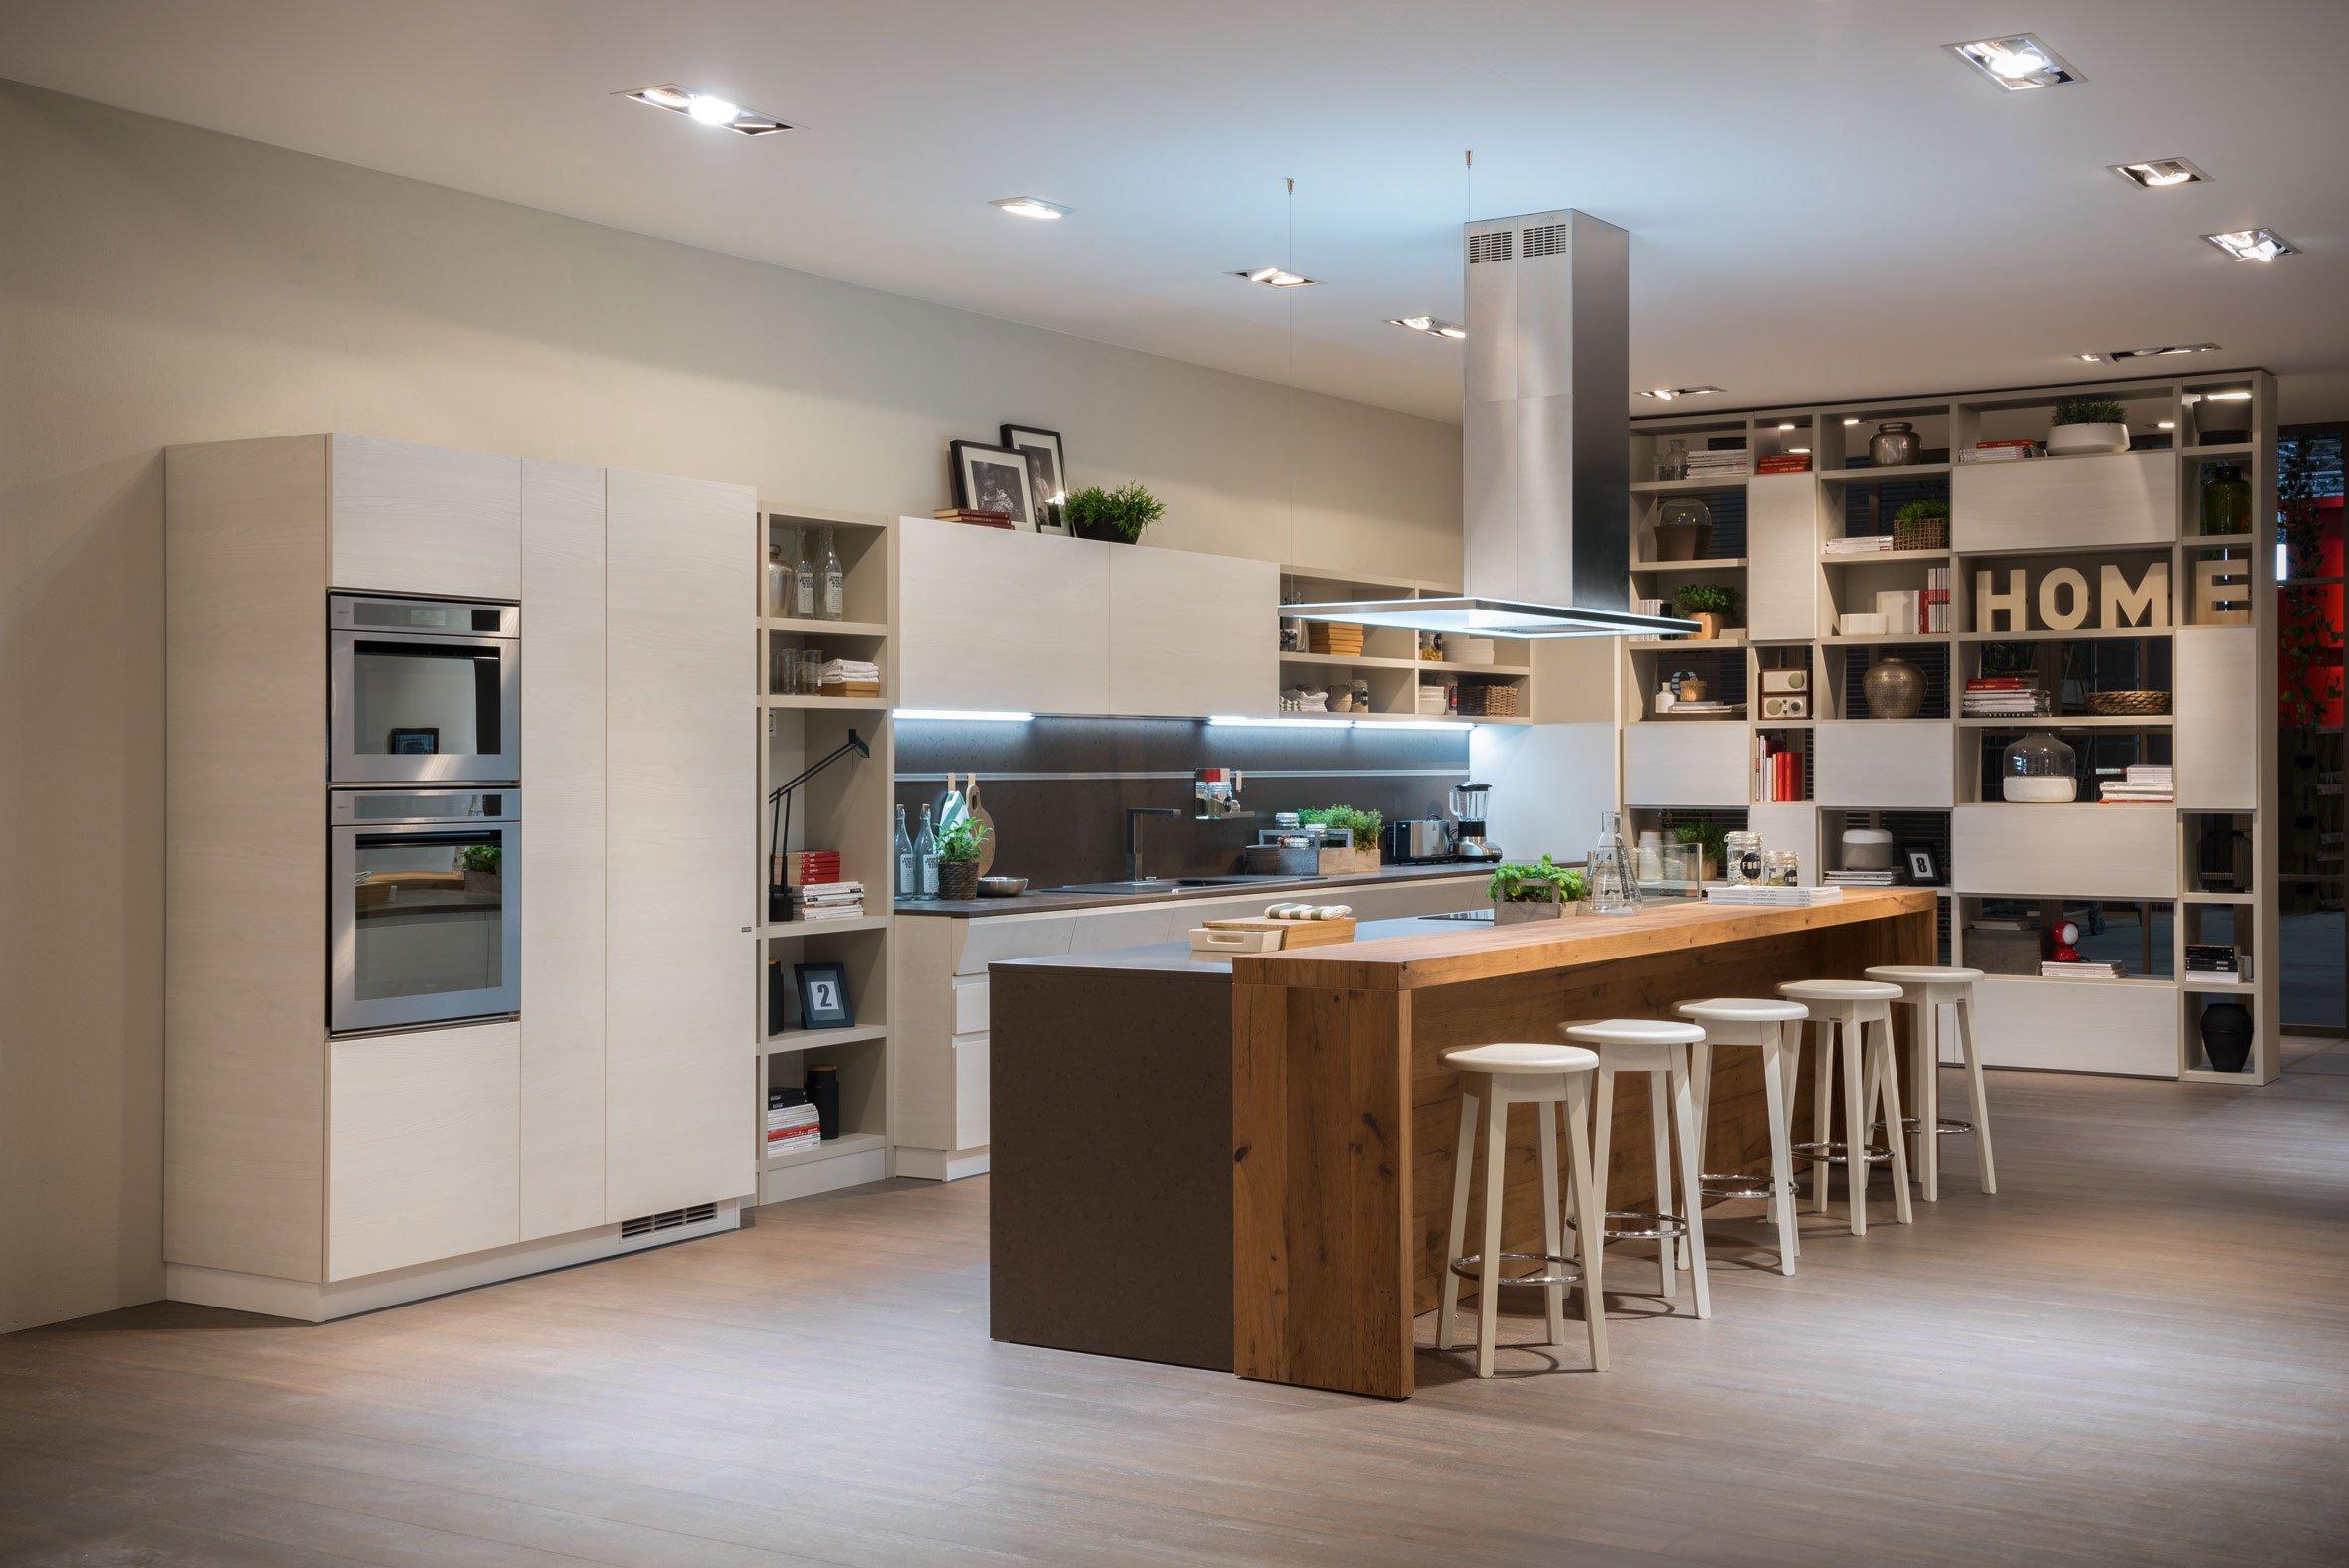 Cucine Idee E Soluzioni. Top Cucina E Soggiorno Insieme Openspace ...